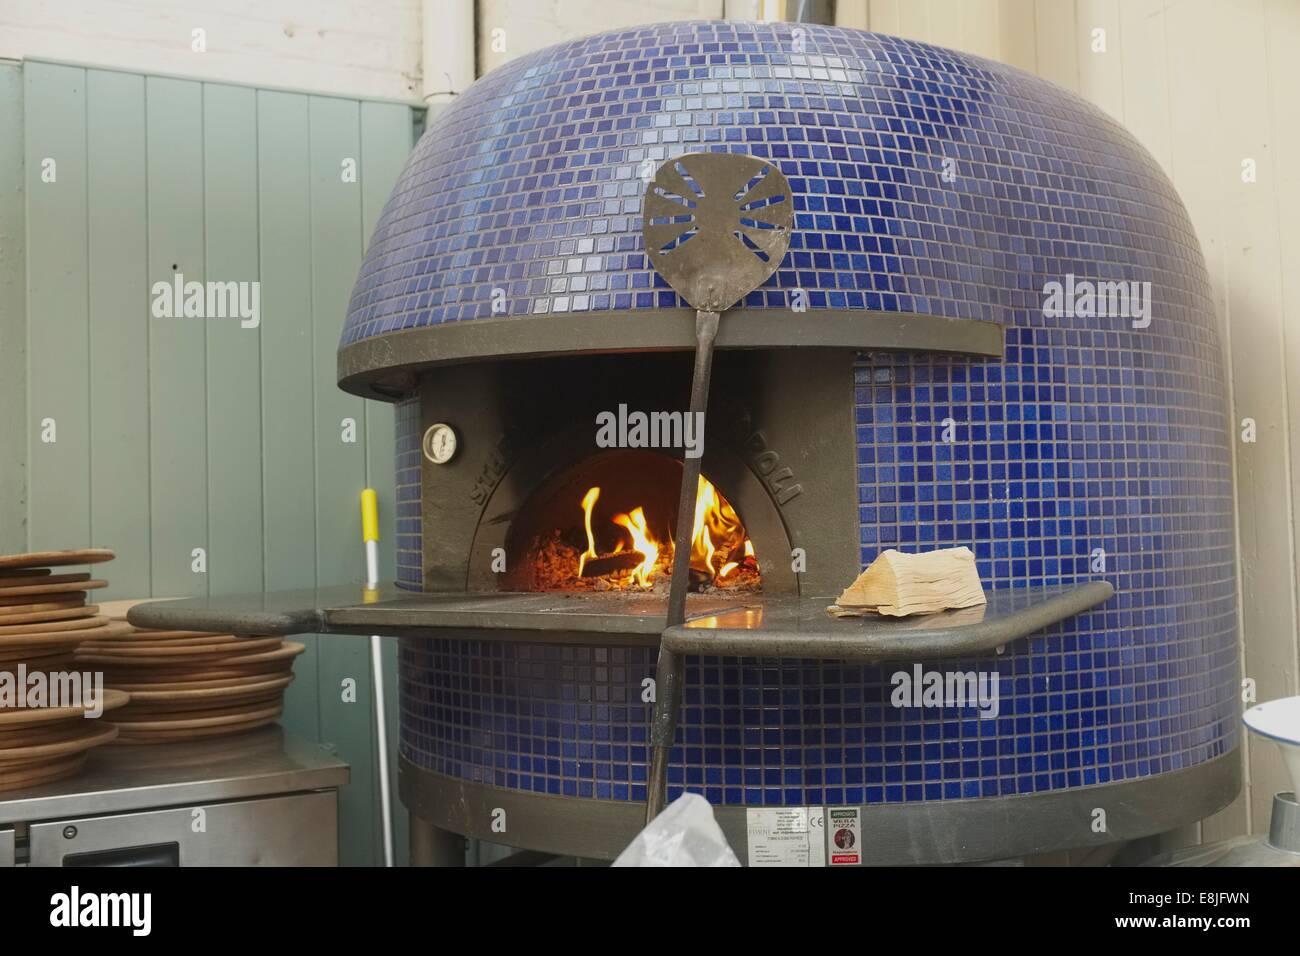 Illuminazione di un italiano tradizionale a legna per la pizza in